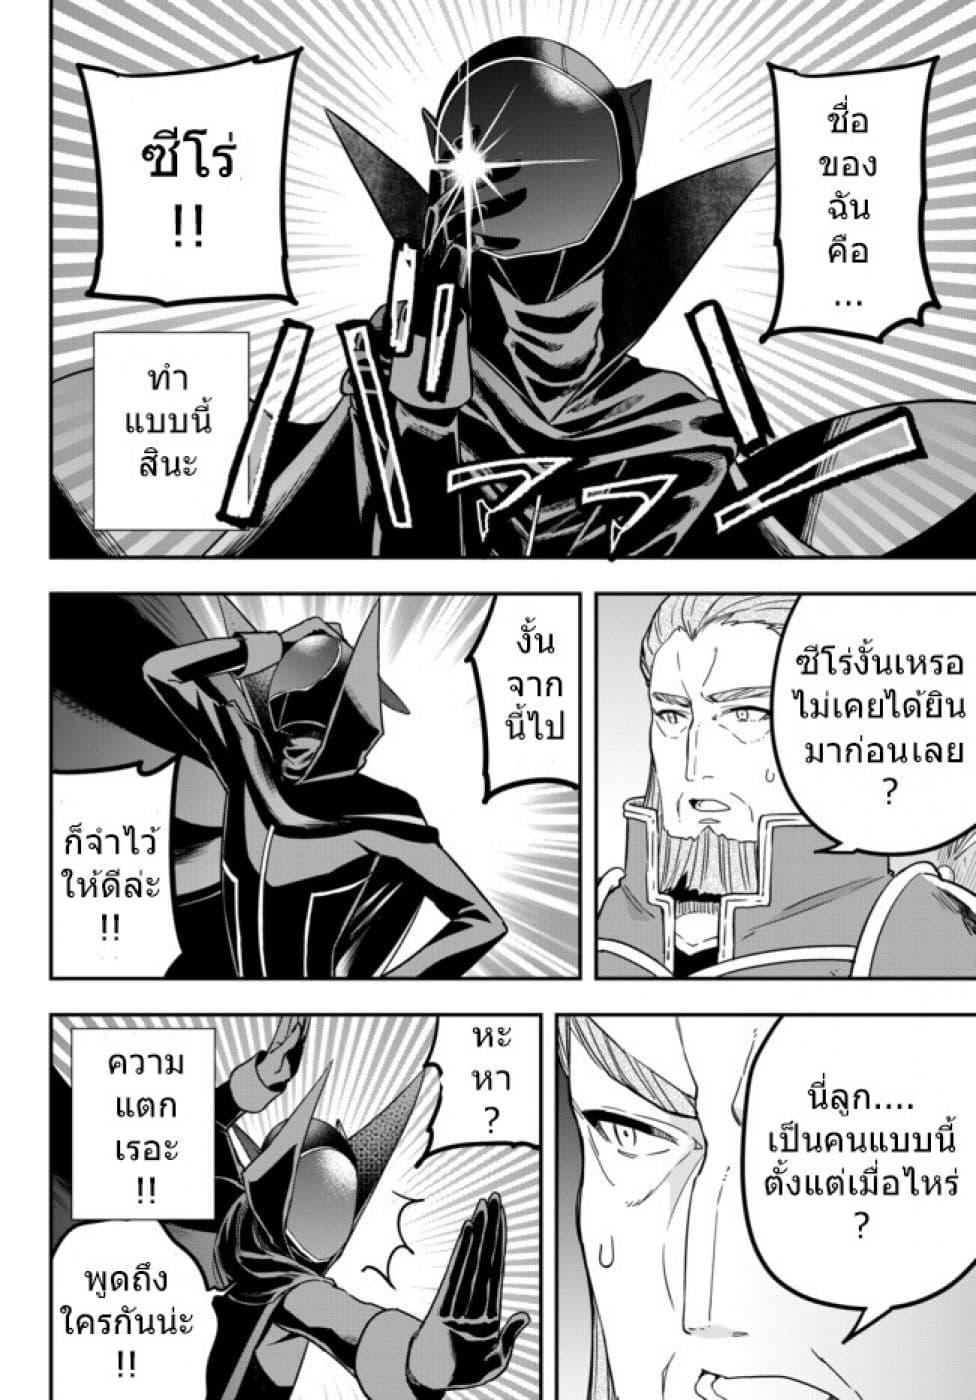 อ่านการ์ตูน Jitsu wa Ore Saikyou deshita ตอนที่ 9 หน้าที่ 16